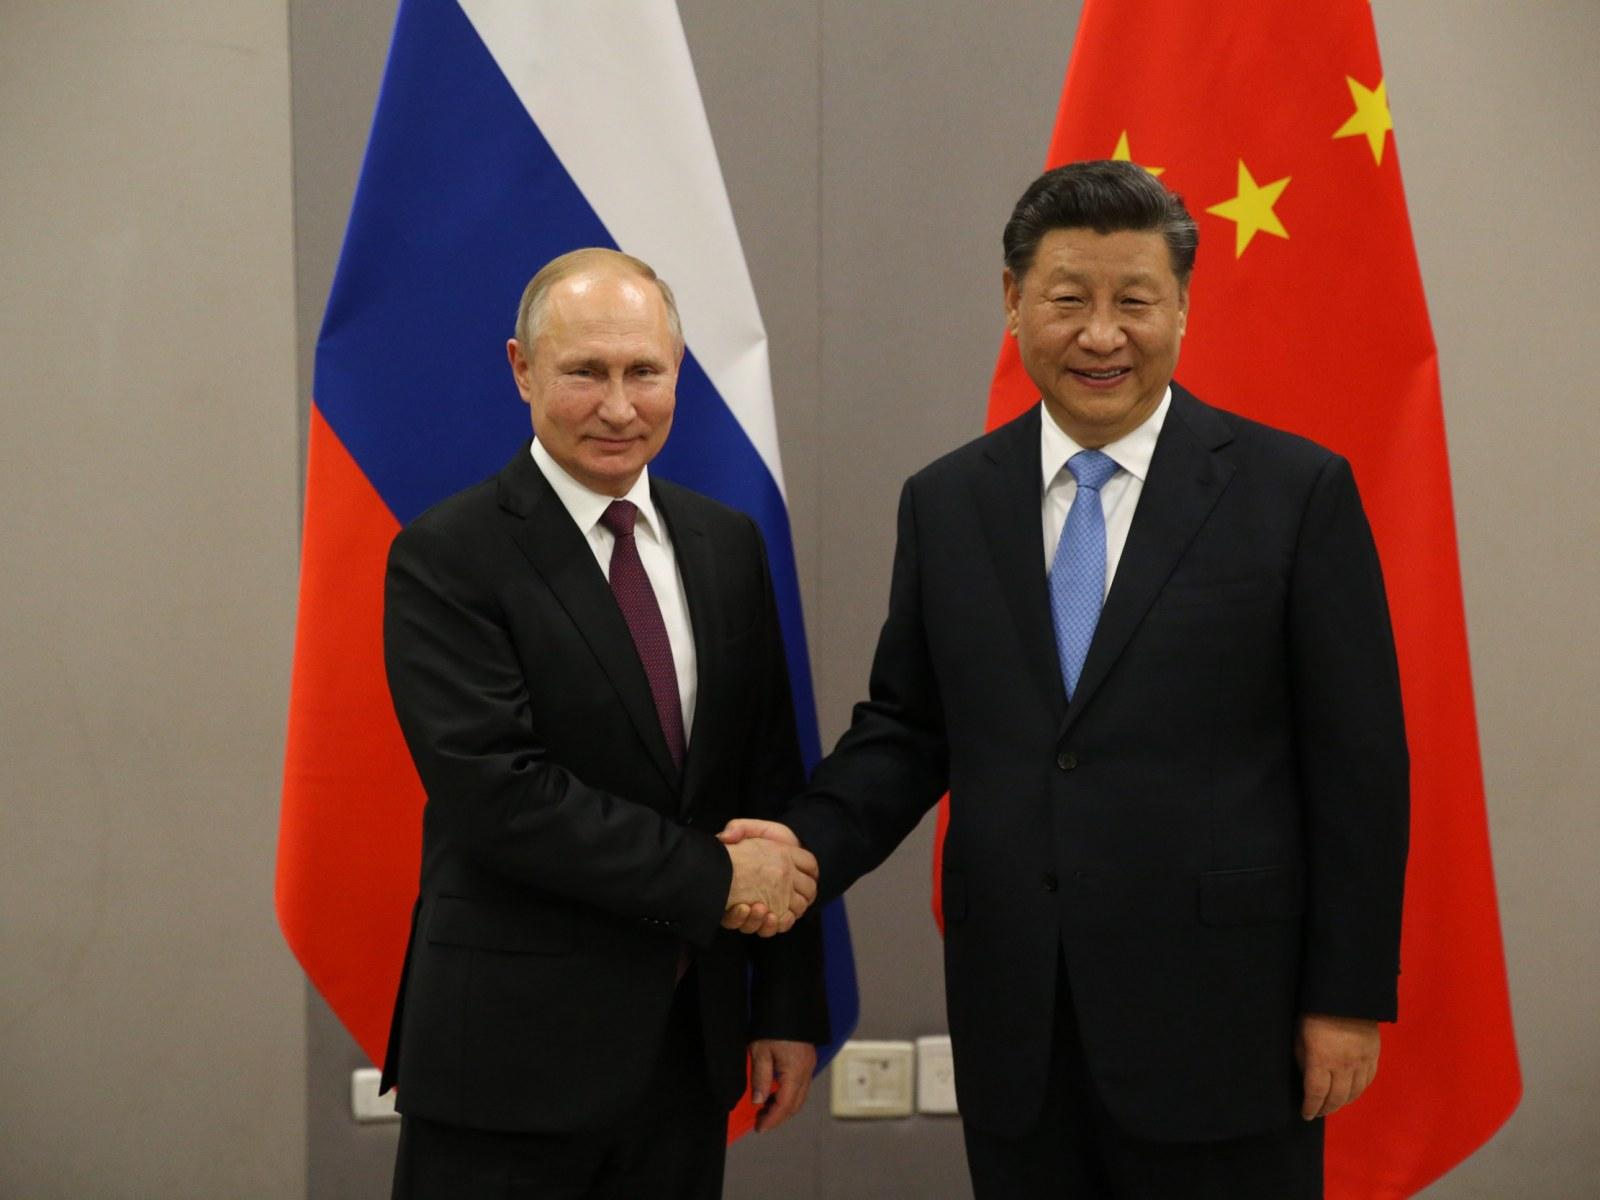 """Hoạt động thương mại giữa Nga và Trung Quốc đang tiến gần đến """"thời điểm đột phá"""""""